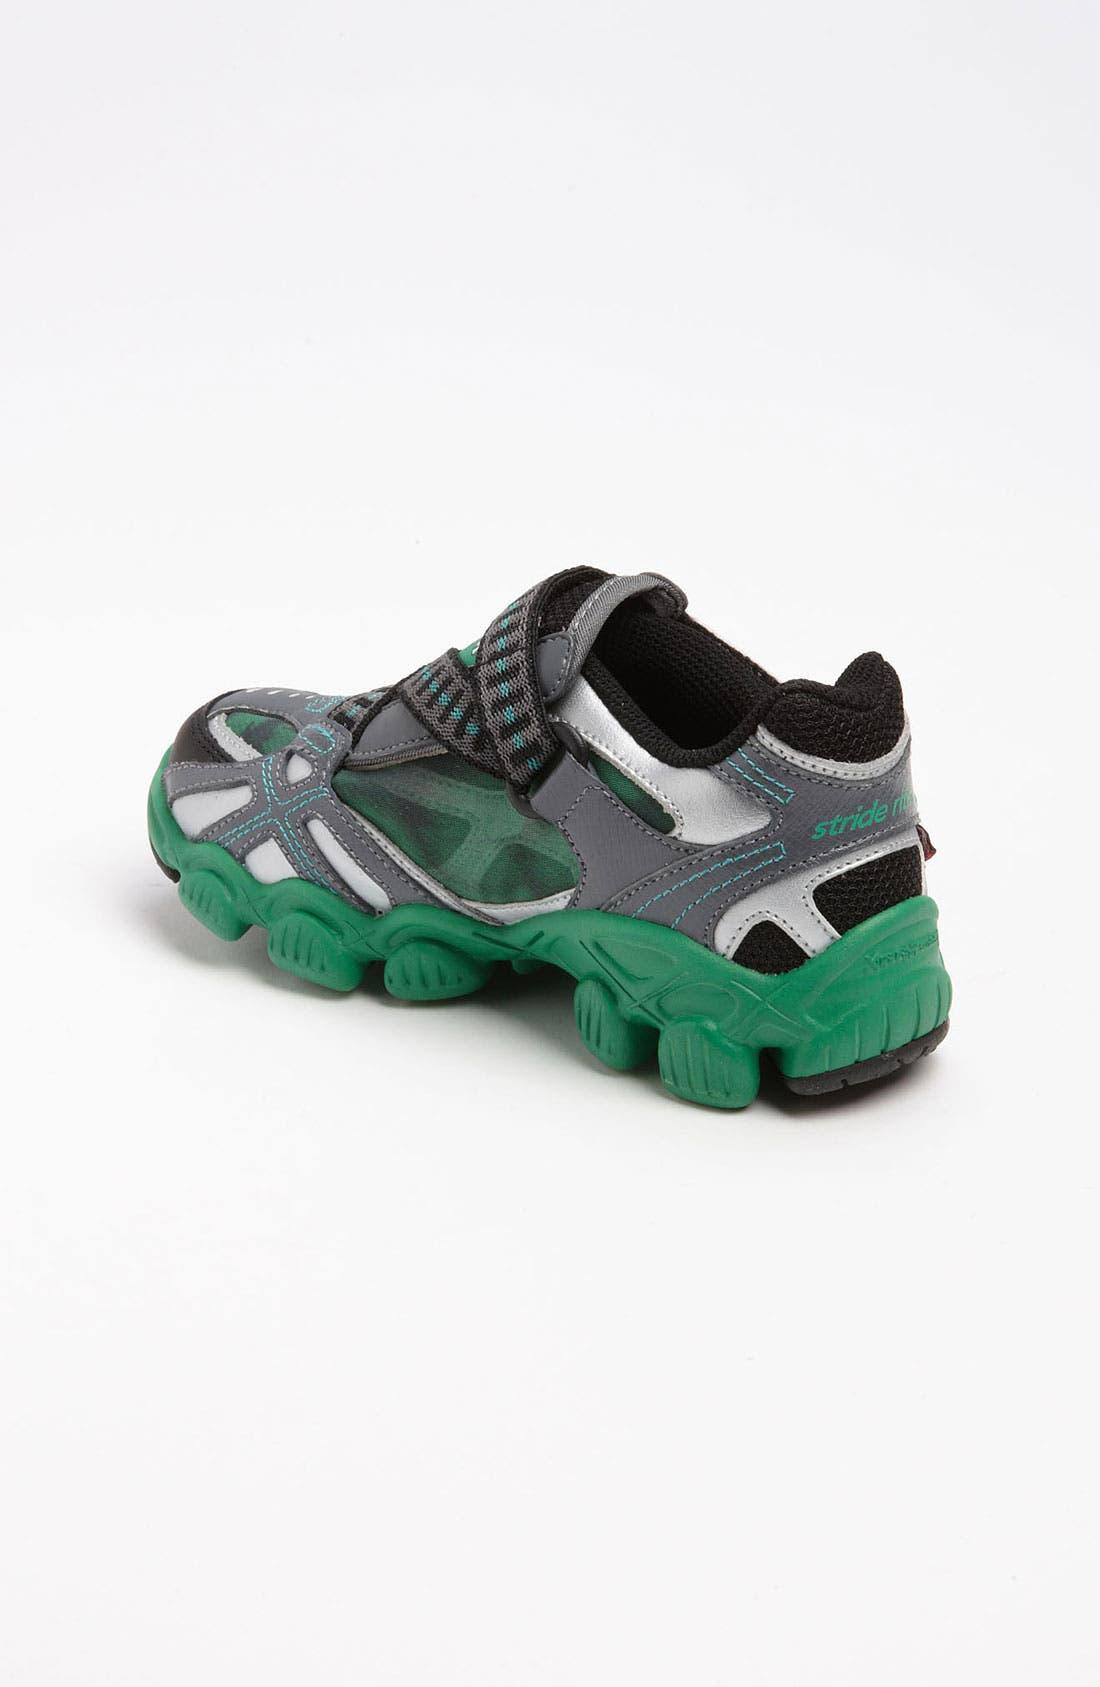 Alternate Image 2  - Stride Ride 'X-Celeracers Hulk®' Sneaker (Toddler & Little Kid)